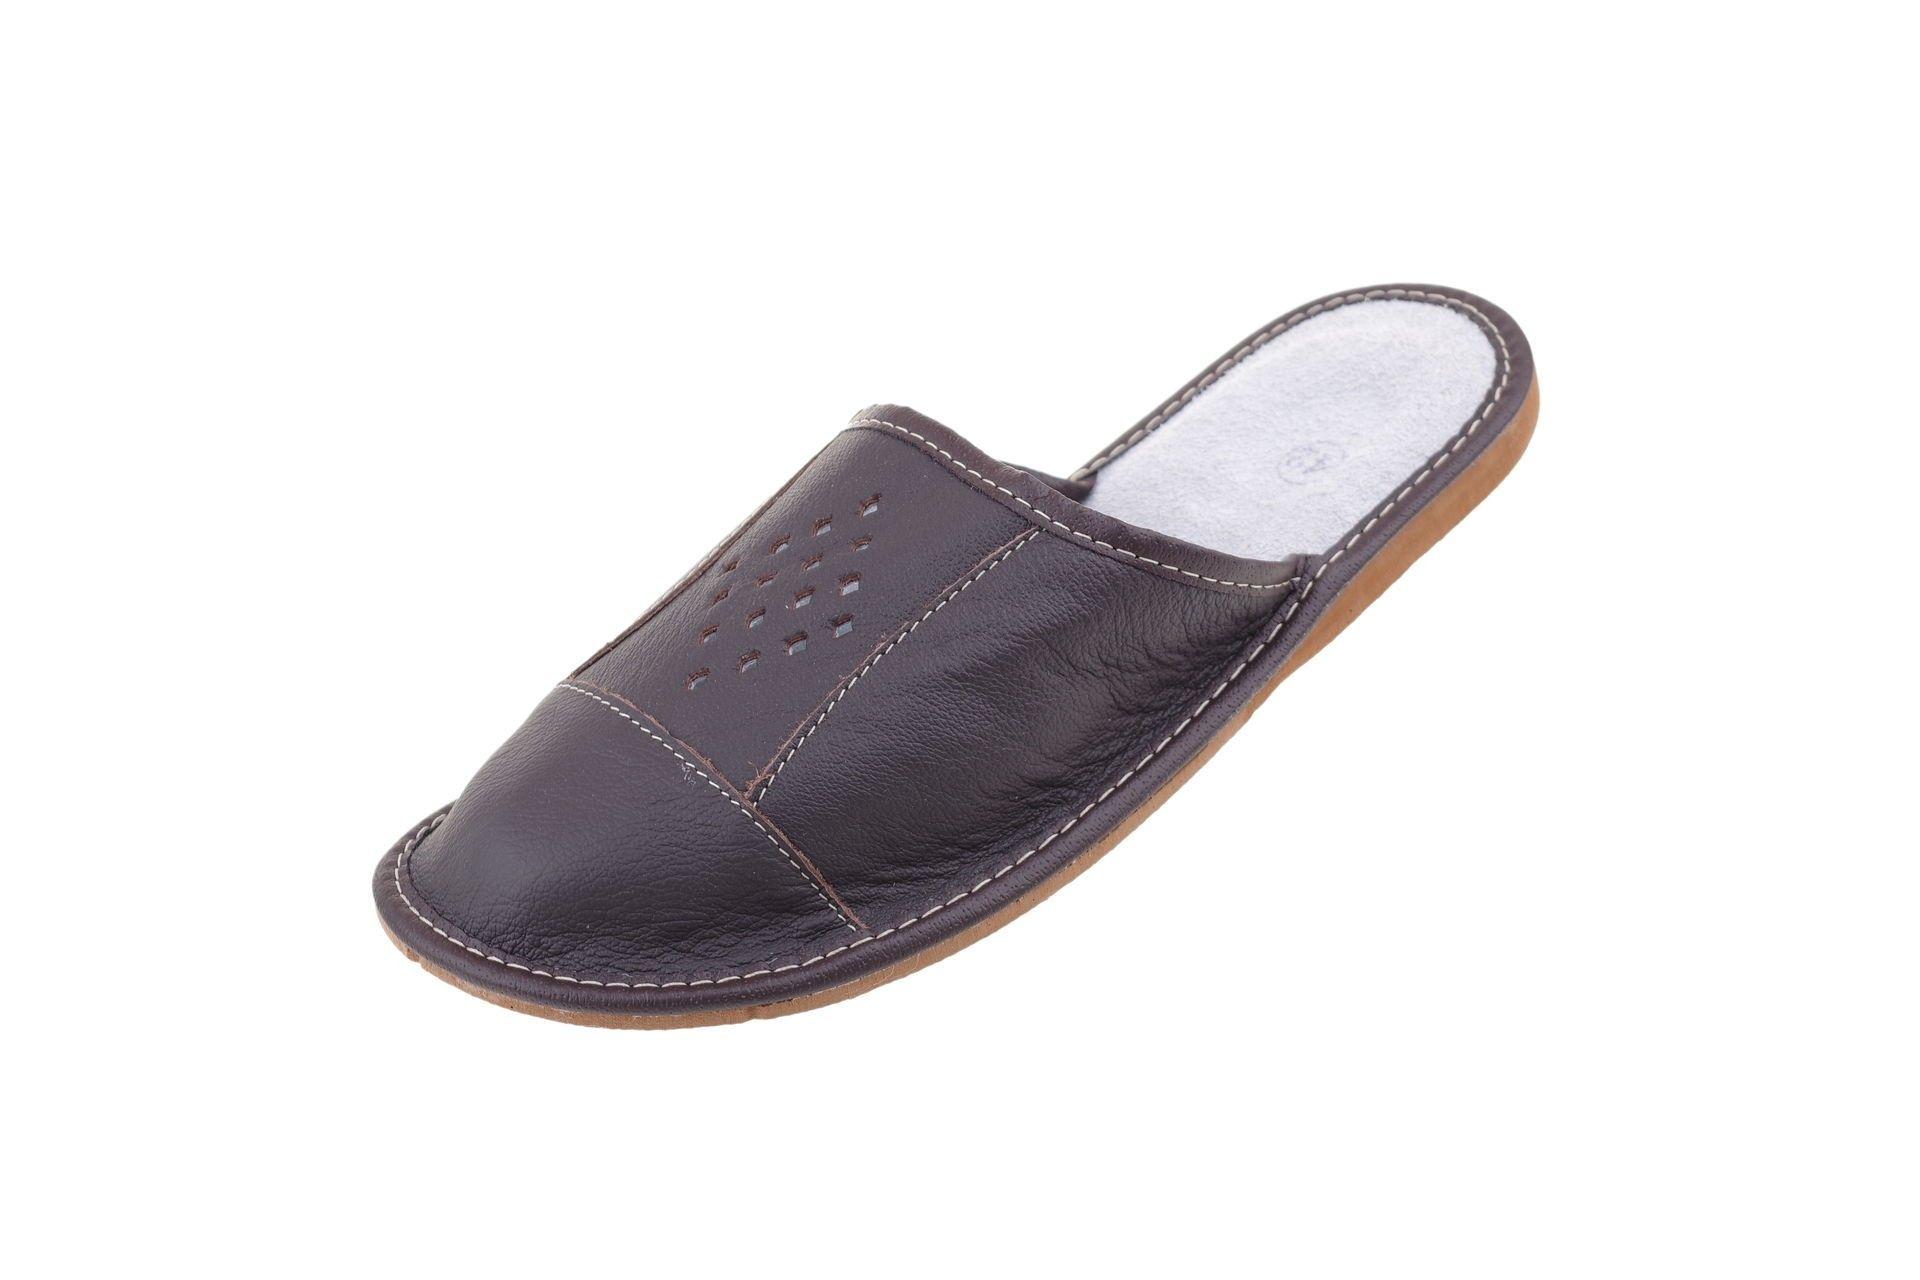 Pantofle skórzane profilowane kapcie kryte skóra41 - 7310707590 ... e29d4415db